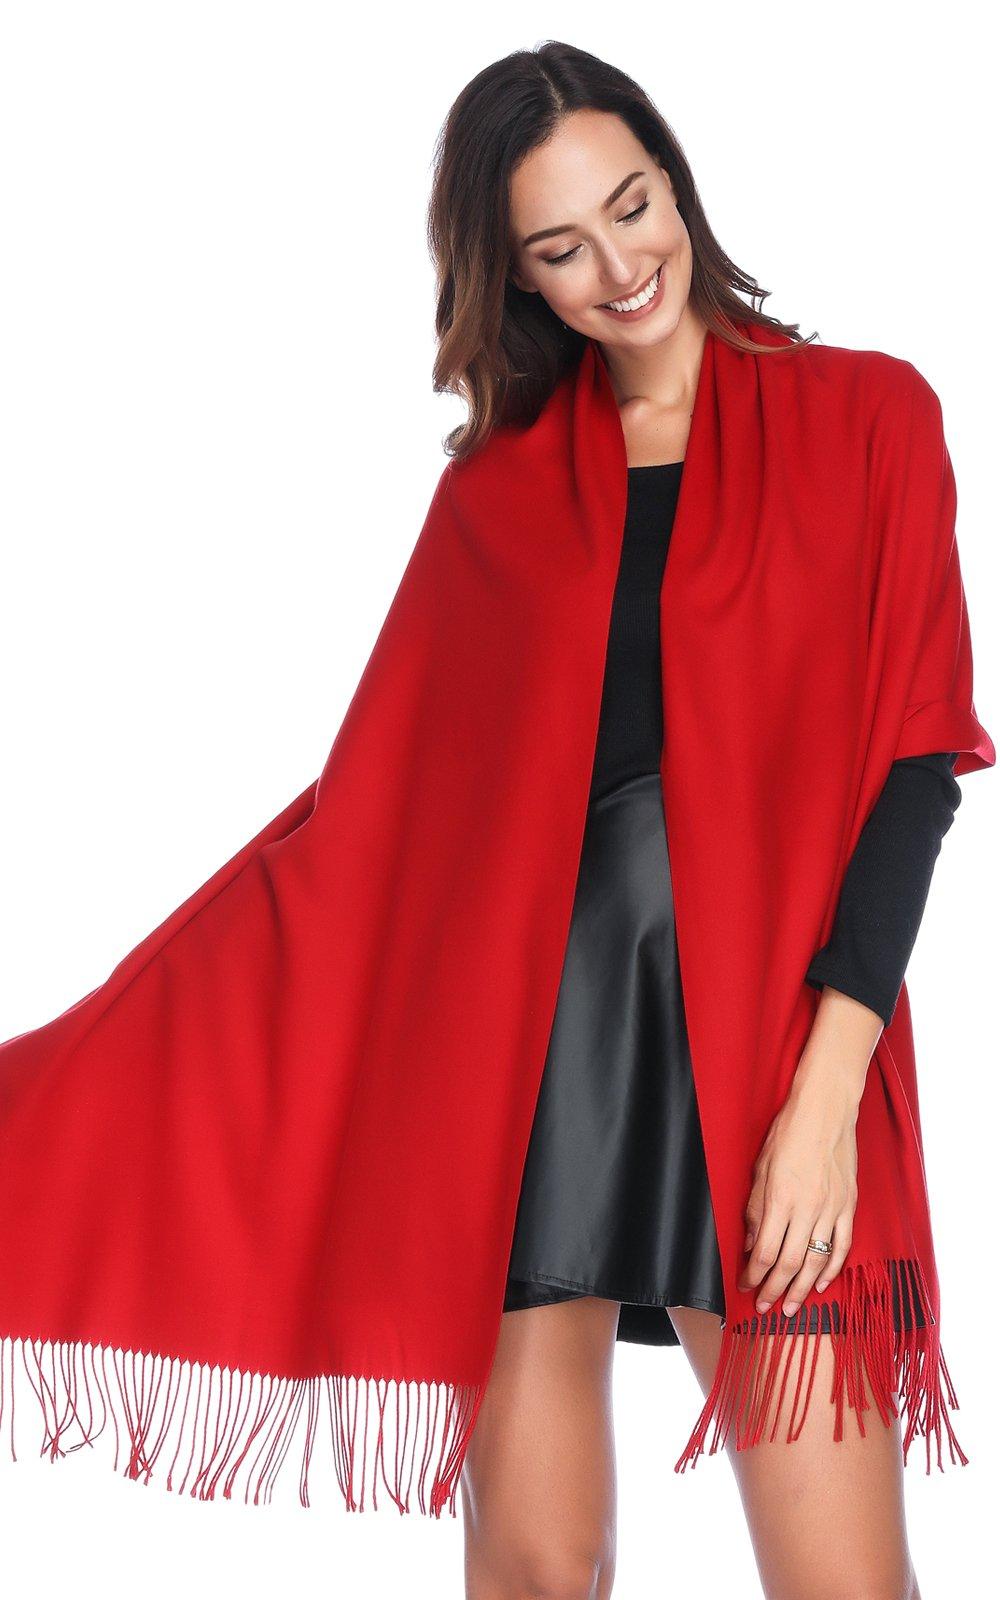 HOYAYO Cashmere Pashmina Shawls and Wraps Scarf(Red) by HOYAYO